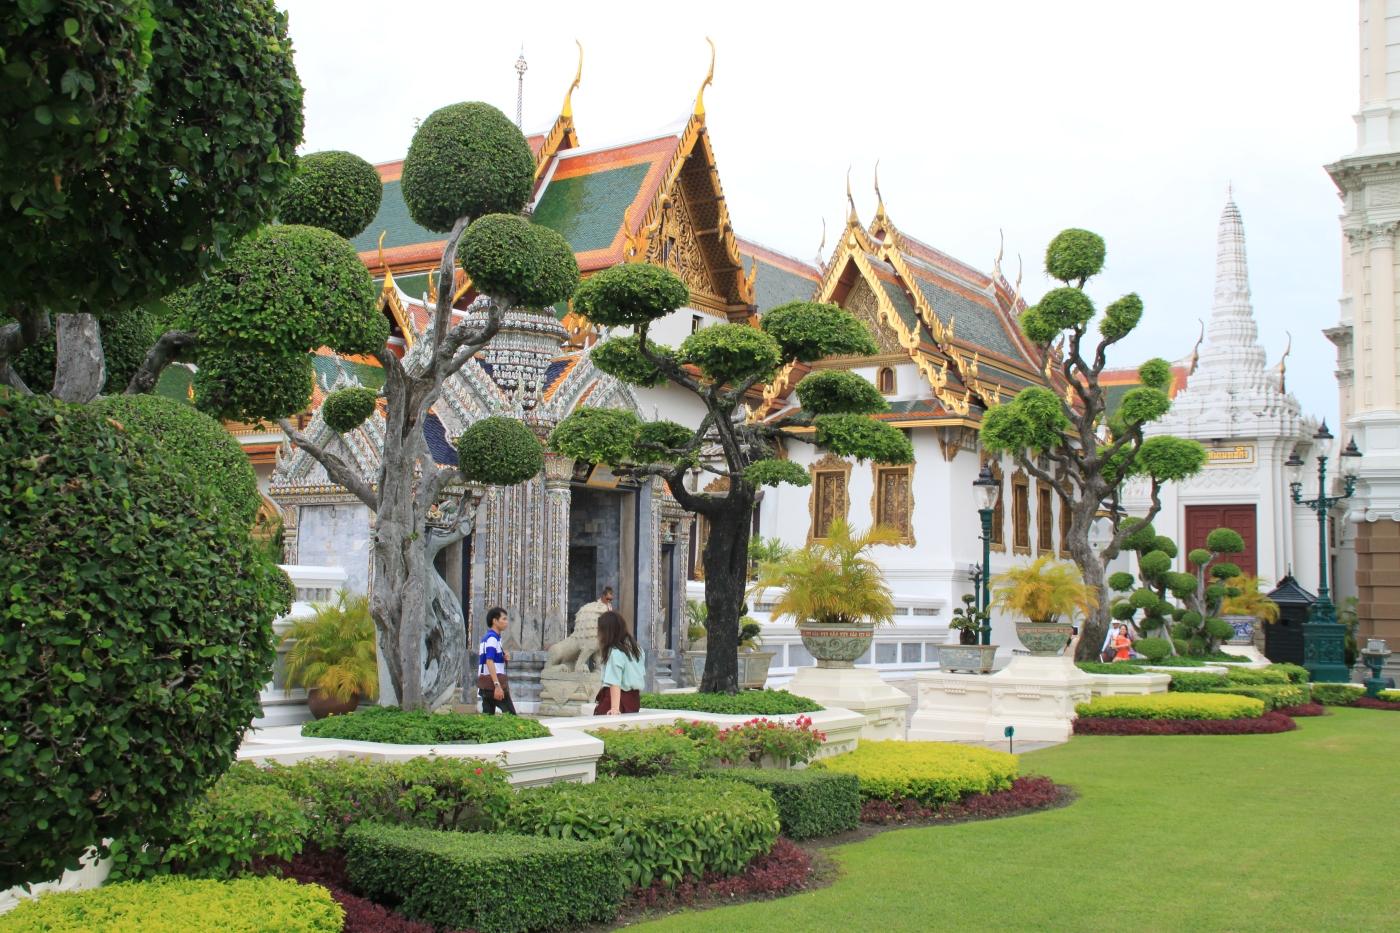 Hola a todos, En el 2014 decidimos que de luna de miel nos íbamosa Tailandia, ya que yo (Caro) lo tenía entre ceja y ceja desde hacía algunos años....-entonces nos fuimos !!!